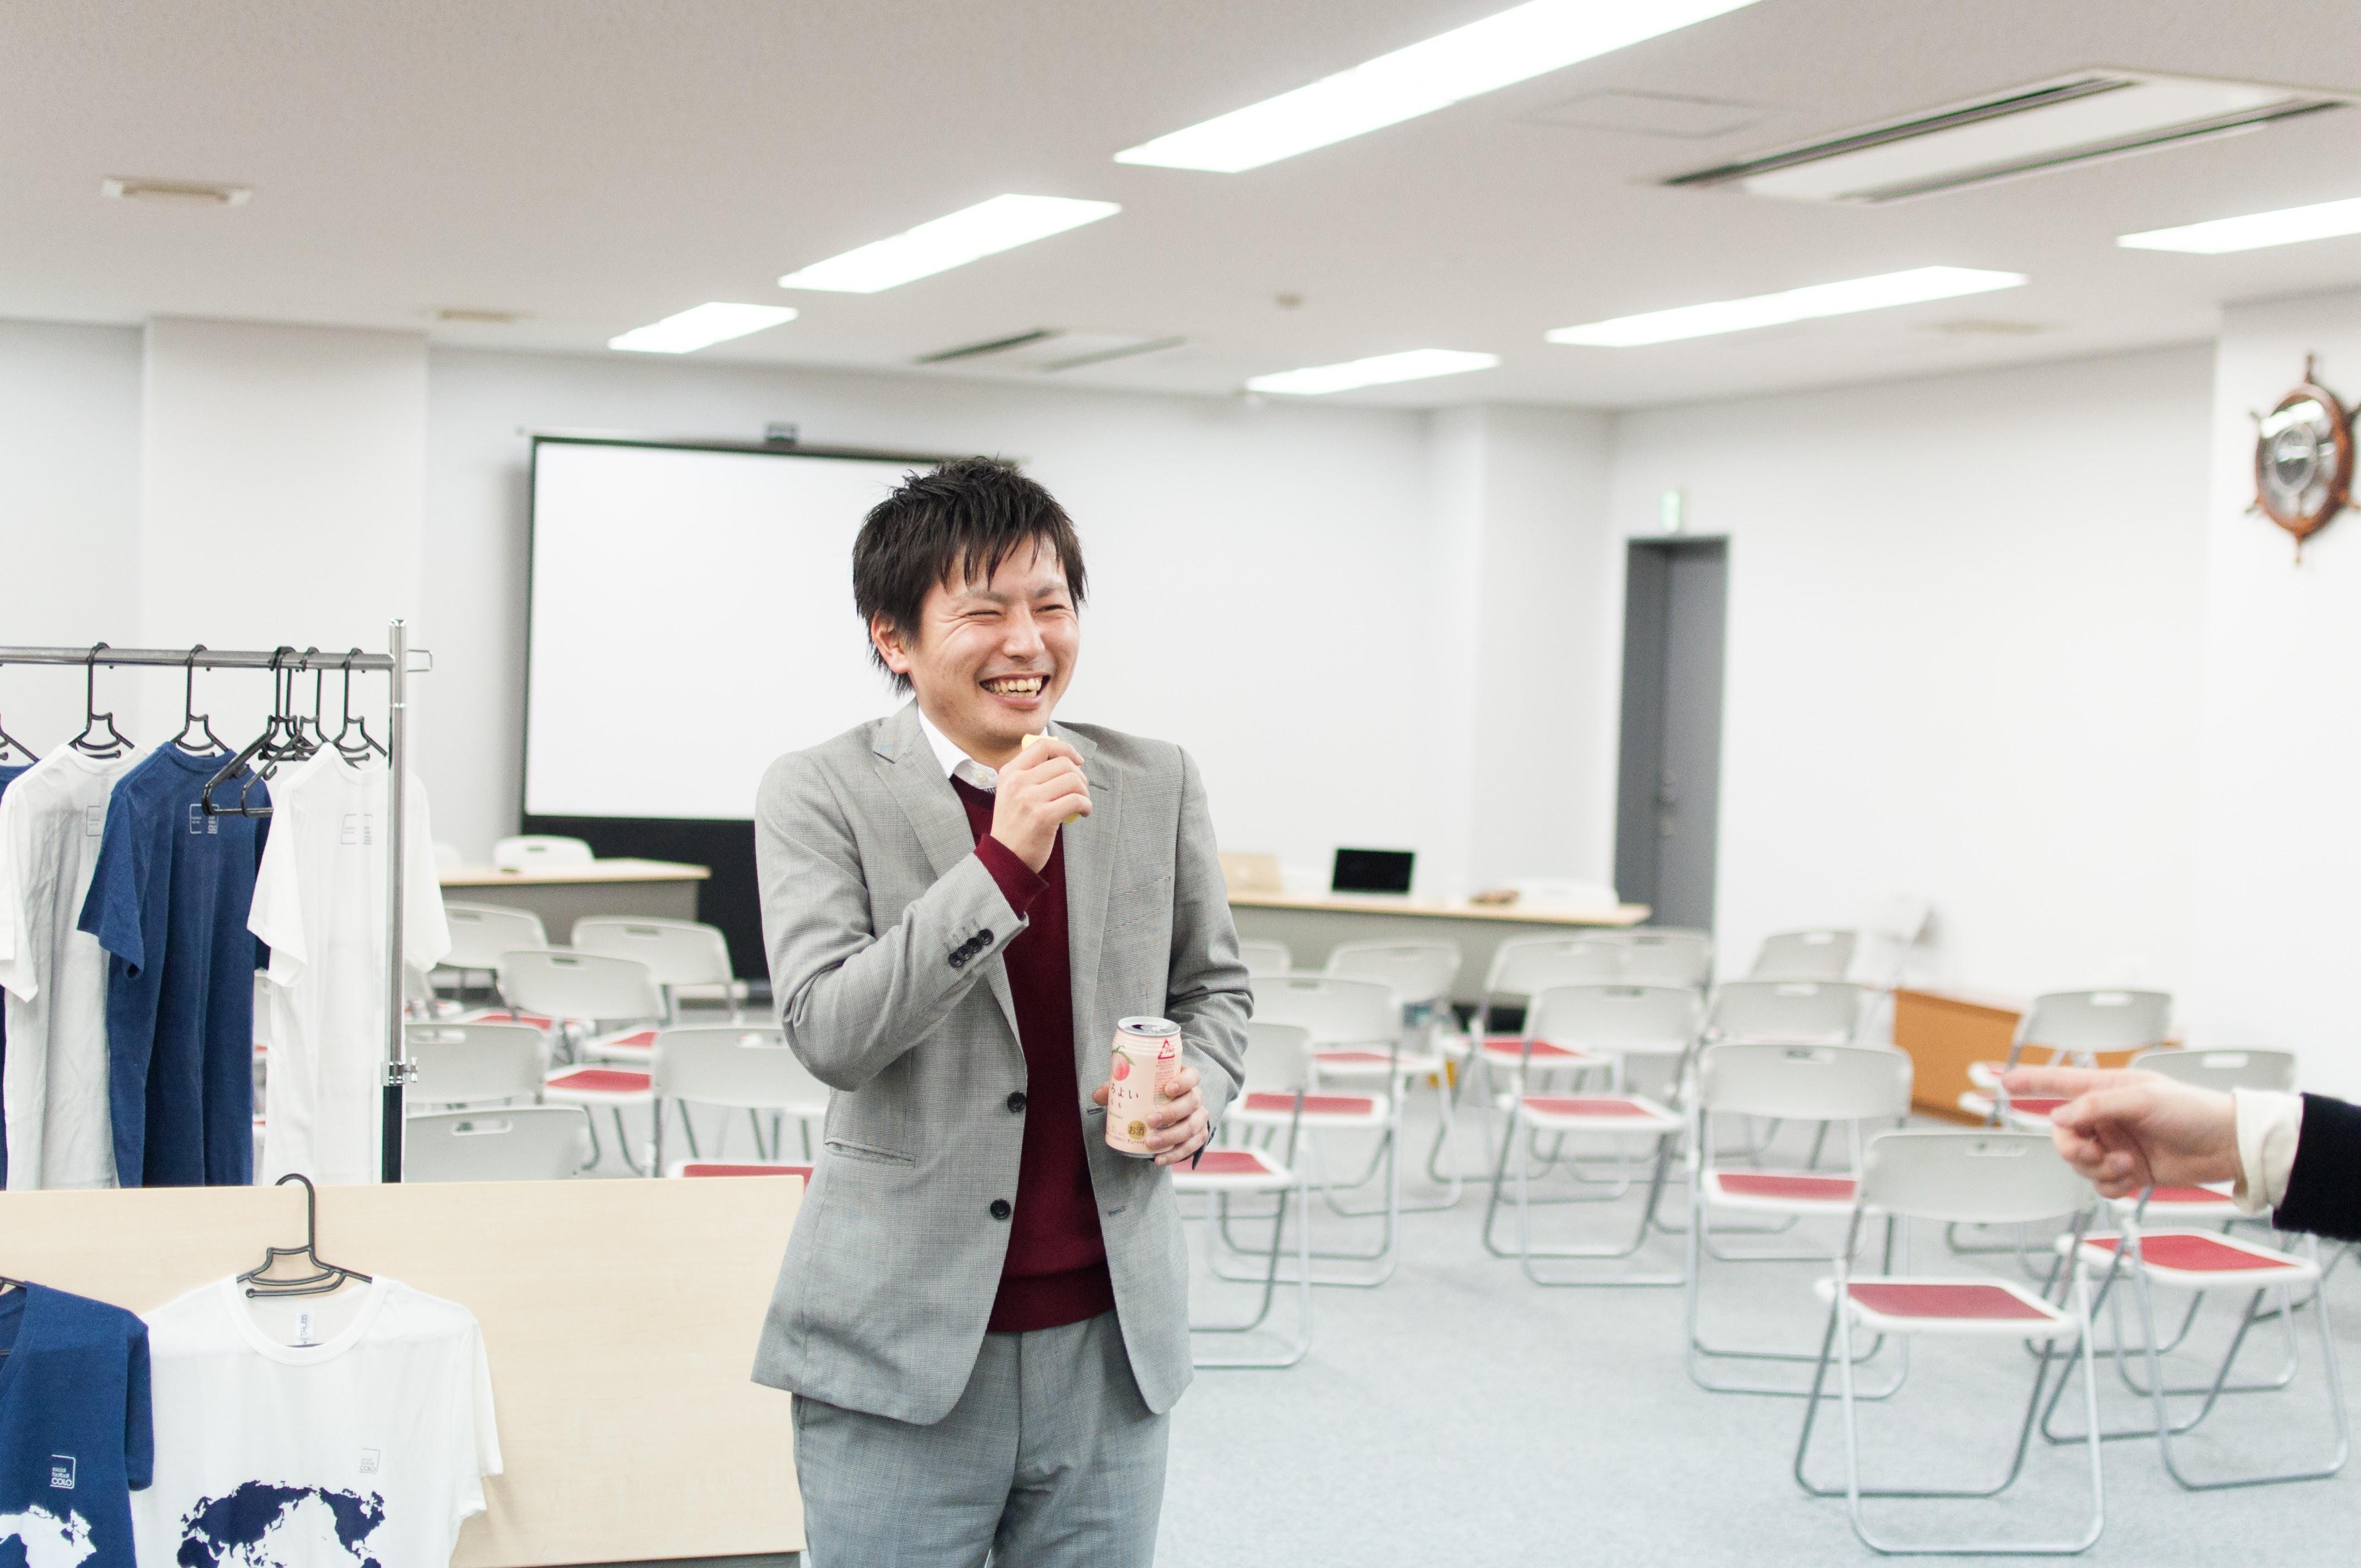 福島県の名物お土産「ままどおる」をマイクに見立て、桃のお酒を片手に、締めの挨拶に挑むおちゃめな菅家さん。